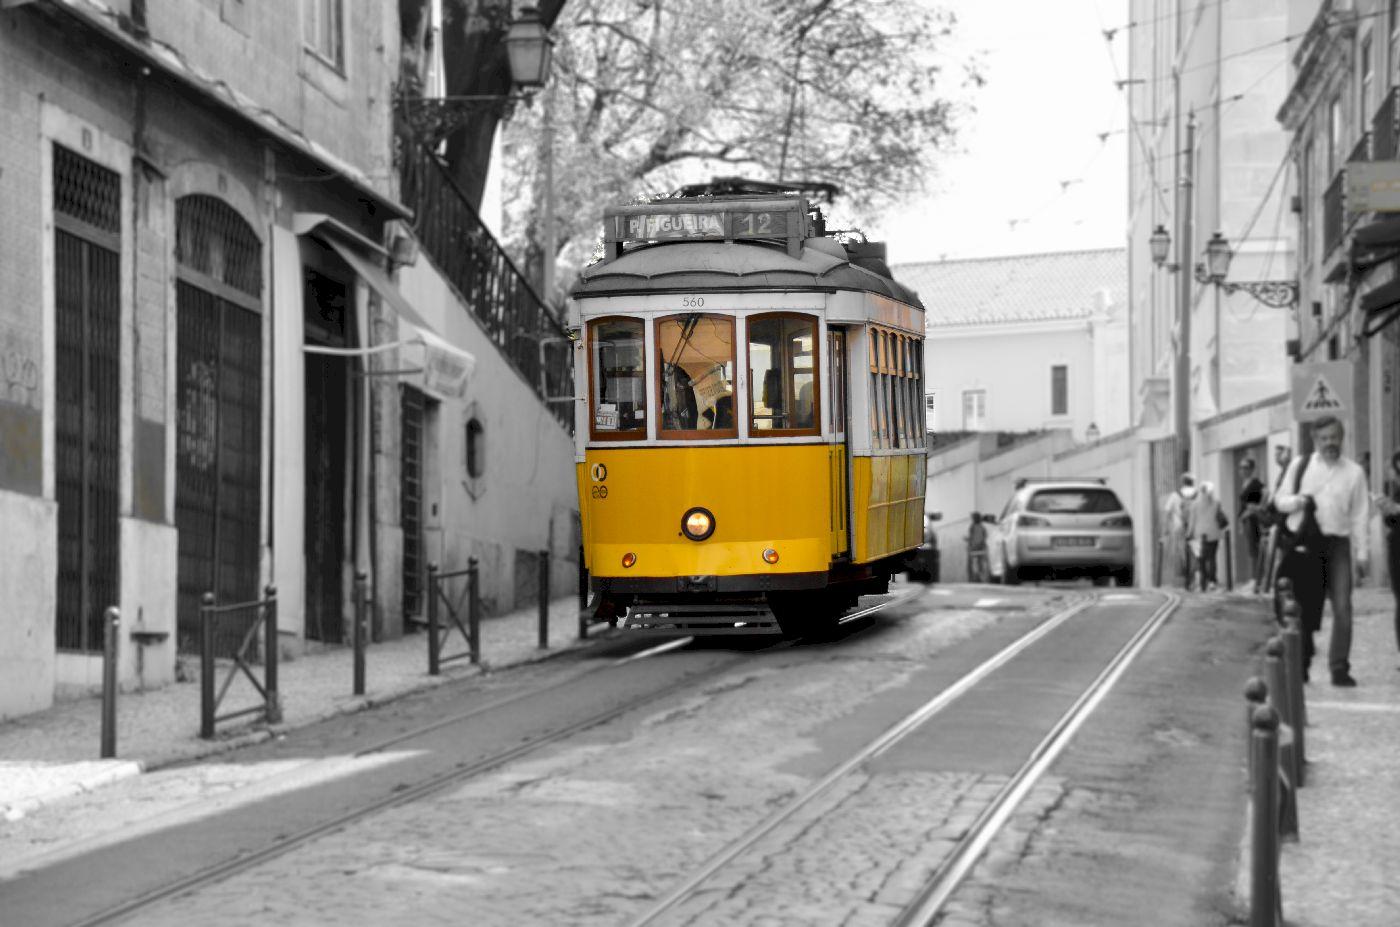 Visiter Lisbonne : Que faire à Lisbonne ?